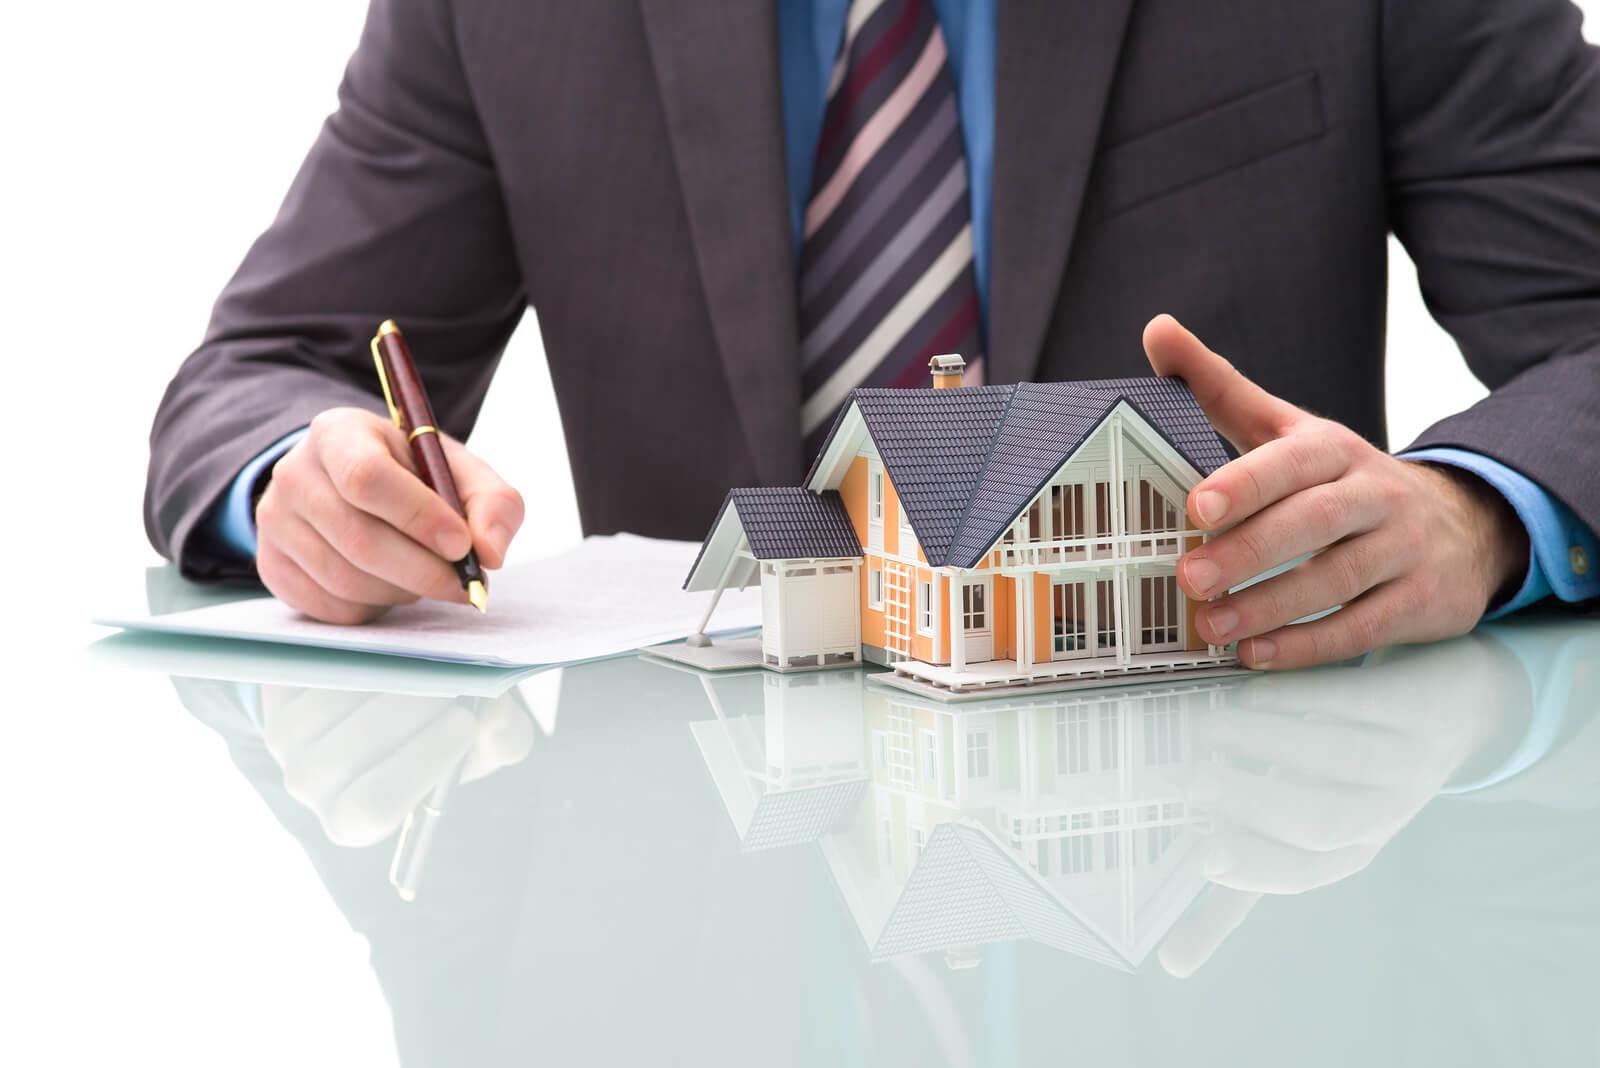 представлялось, лучшие юристы москвы по жилищным вопросам рейтинг протянул